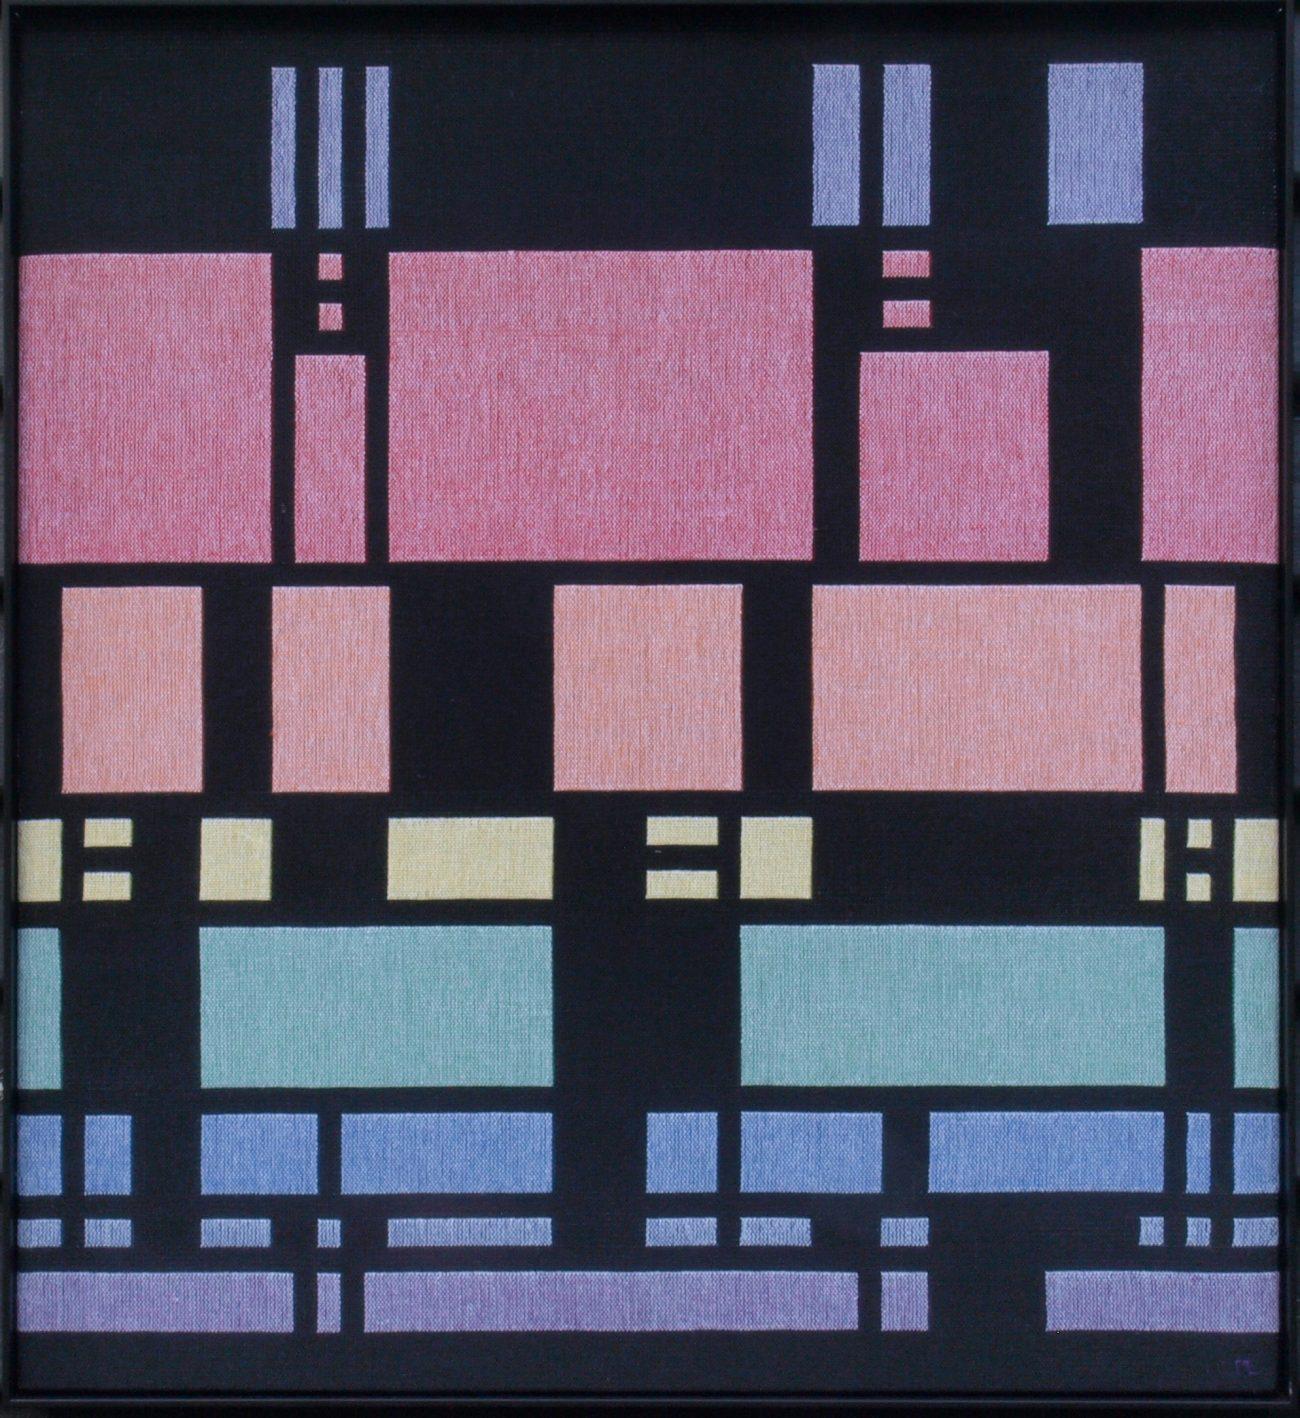 Marina L. van Dobben de Bruyn, 'Glas in lood', dubbelweefsel.